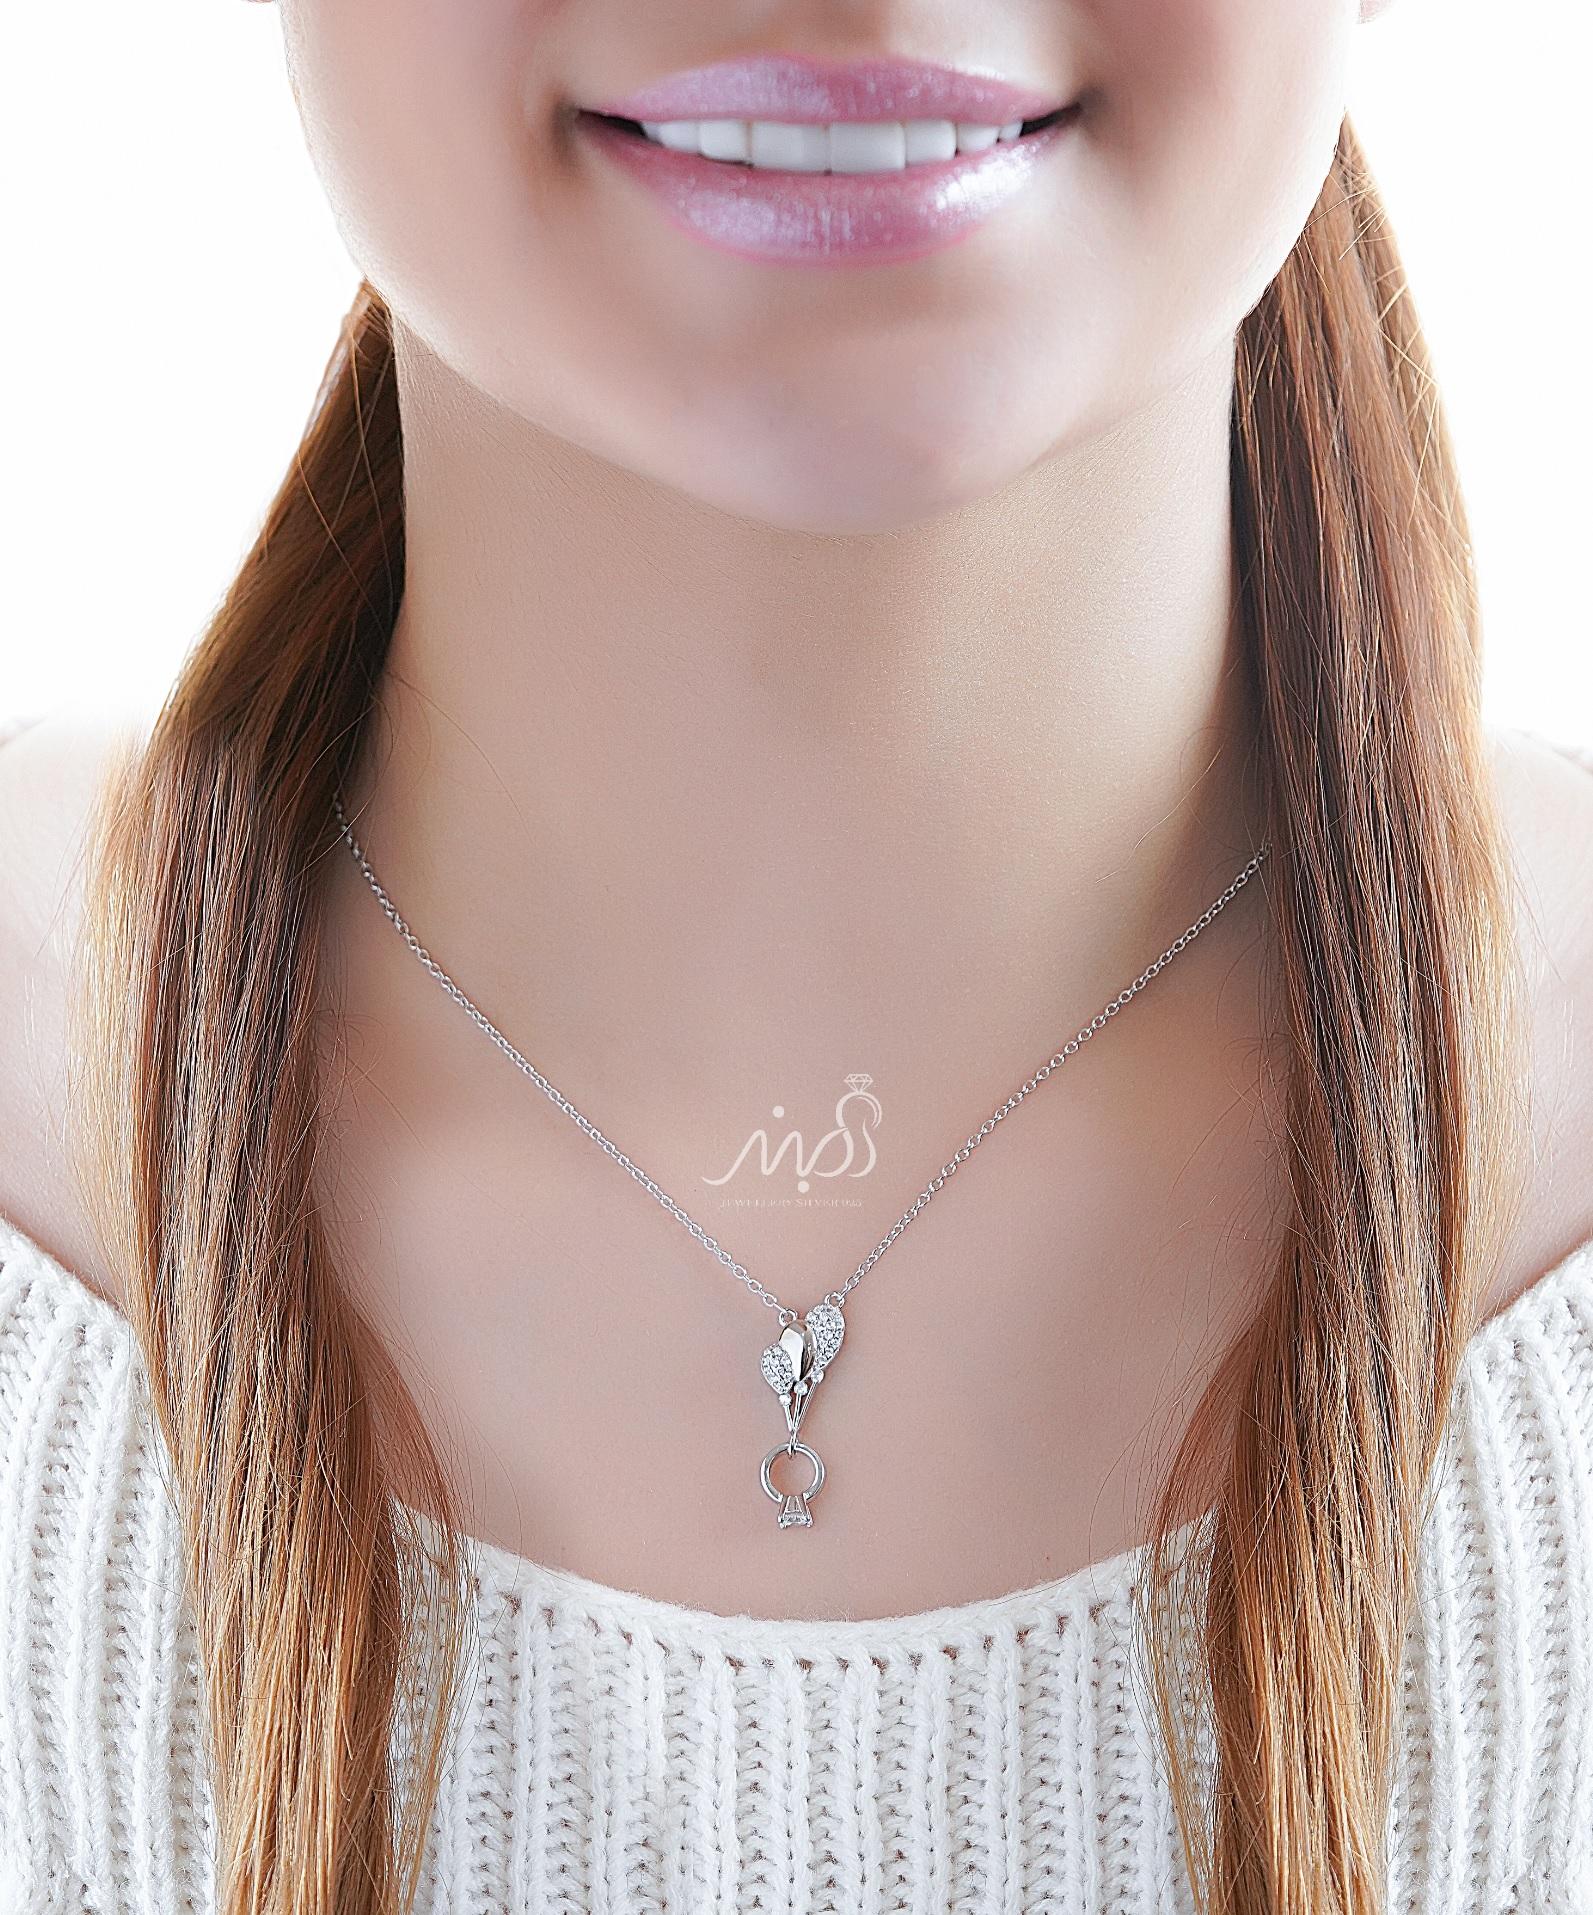 💍گردنبند طرح جواهر بادکنک و حلقه نماد عشق ؛ با طراحی زیبا و ظریف نقره عیار ۹۲۵ با روکش طلا سفید